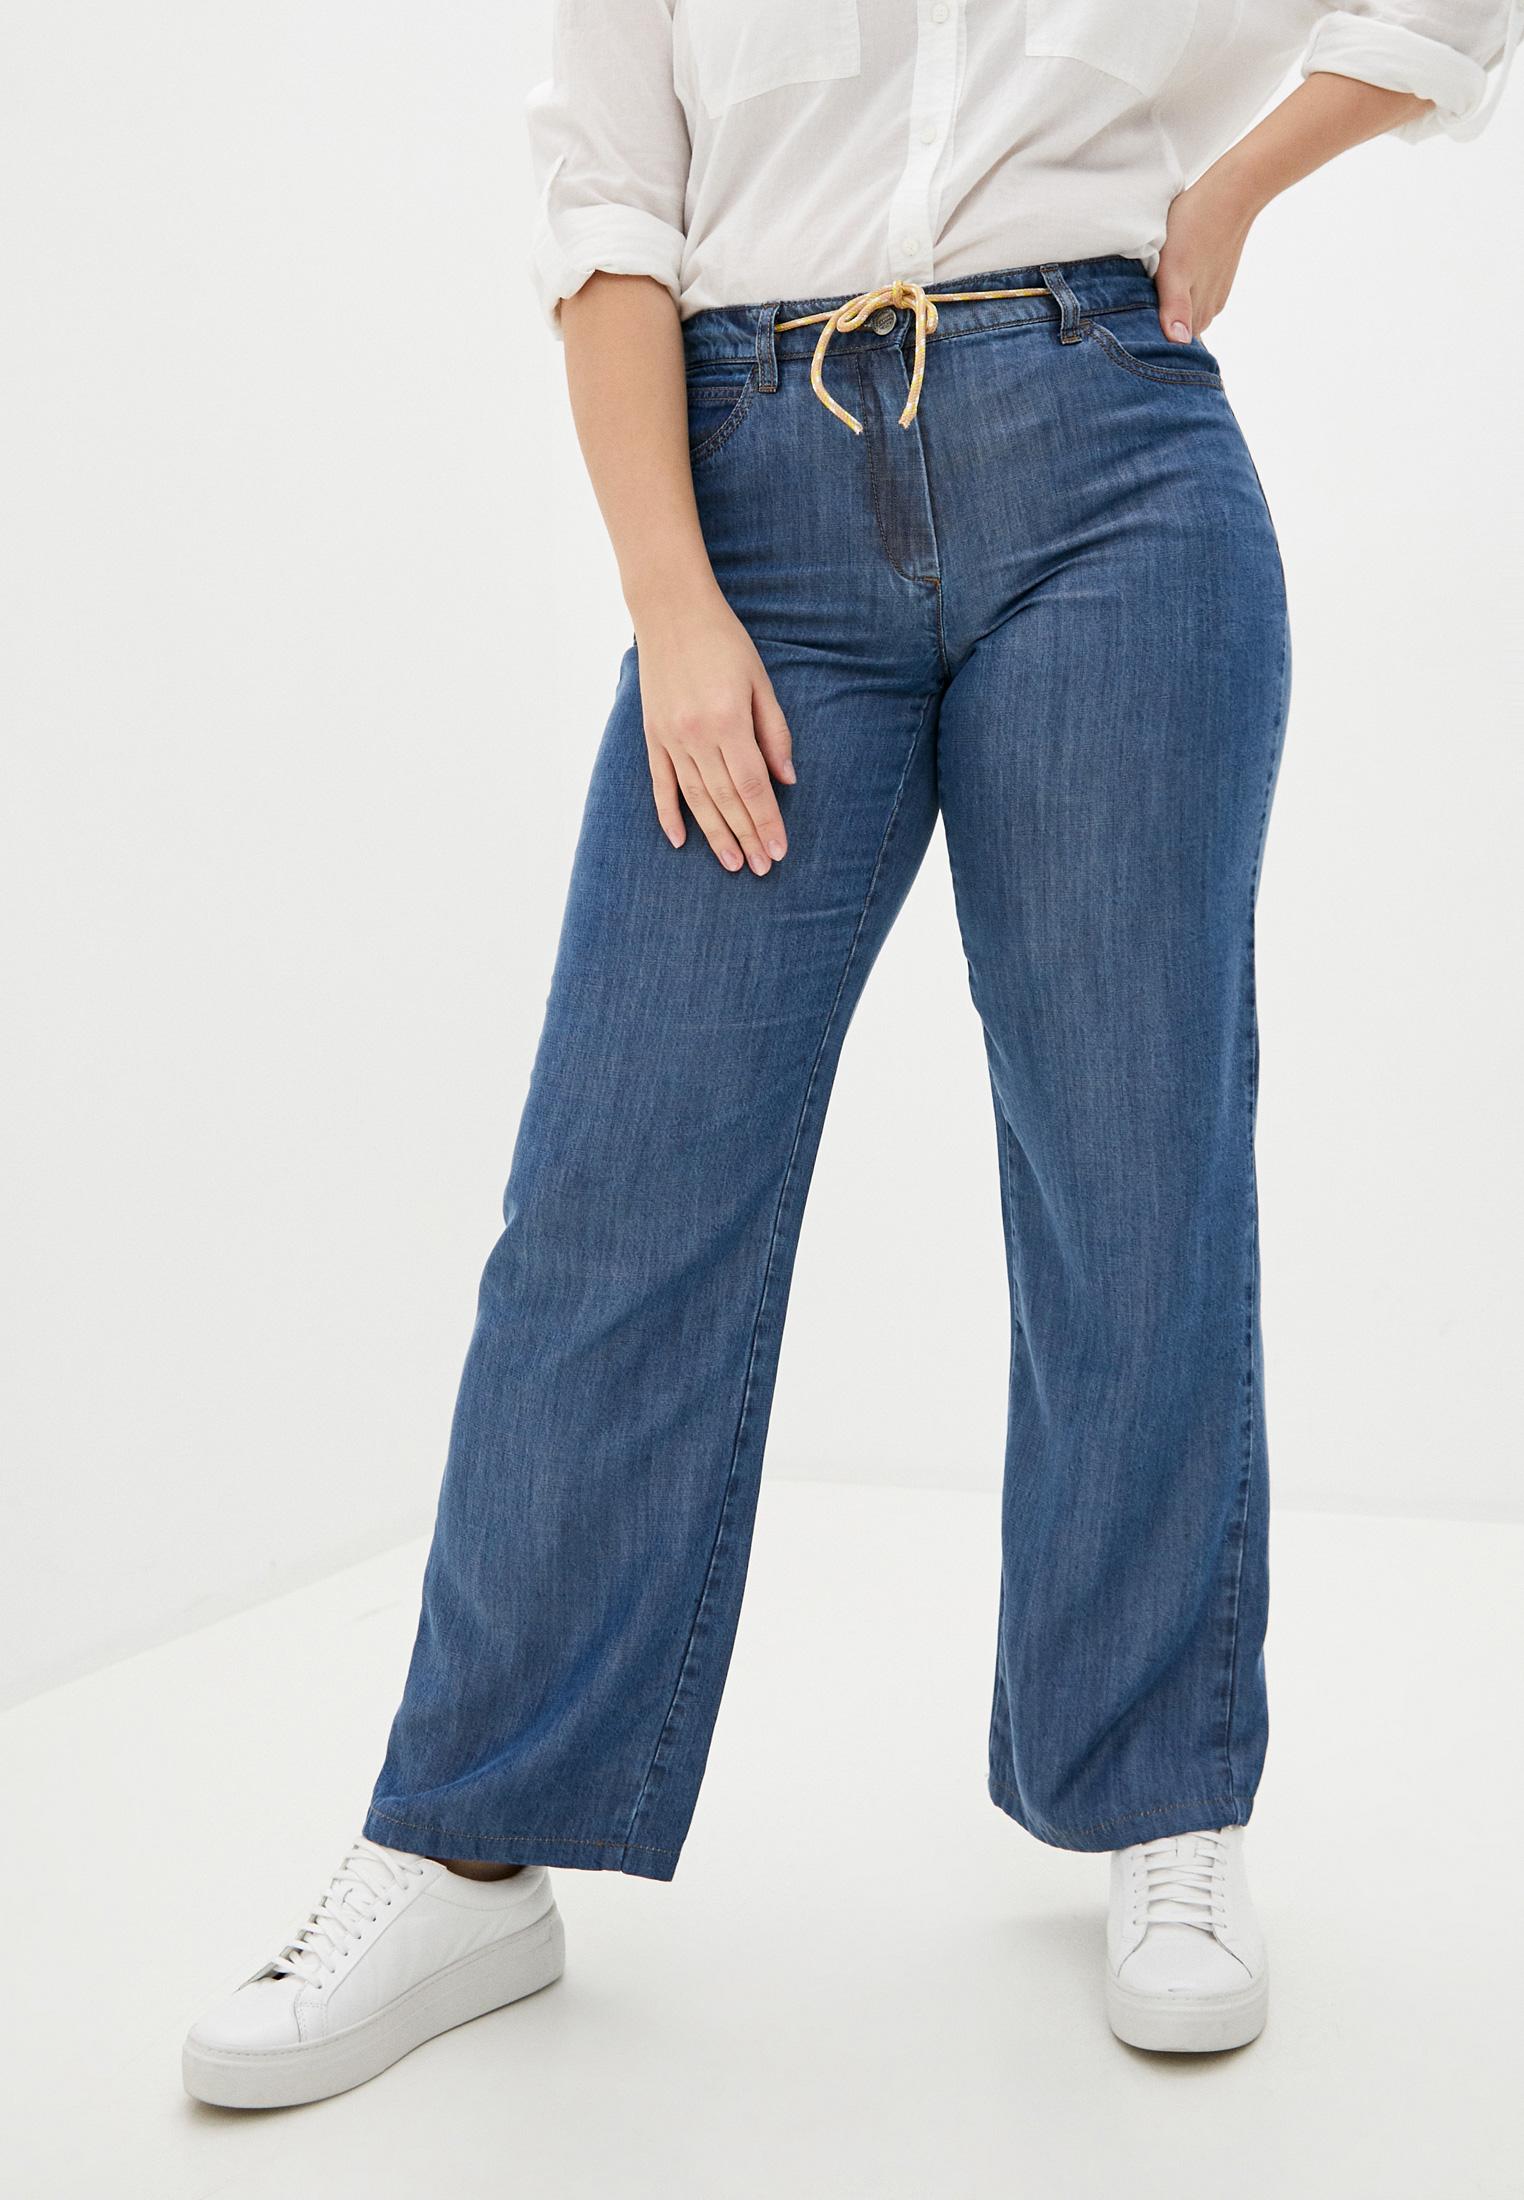 Женские джинсы Gerry Weber (Гарри Вебер) 222065-67723